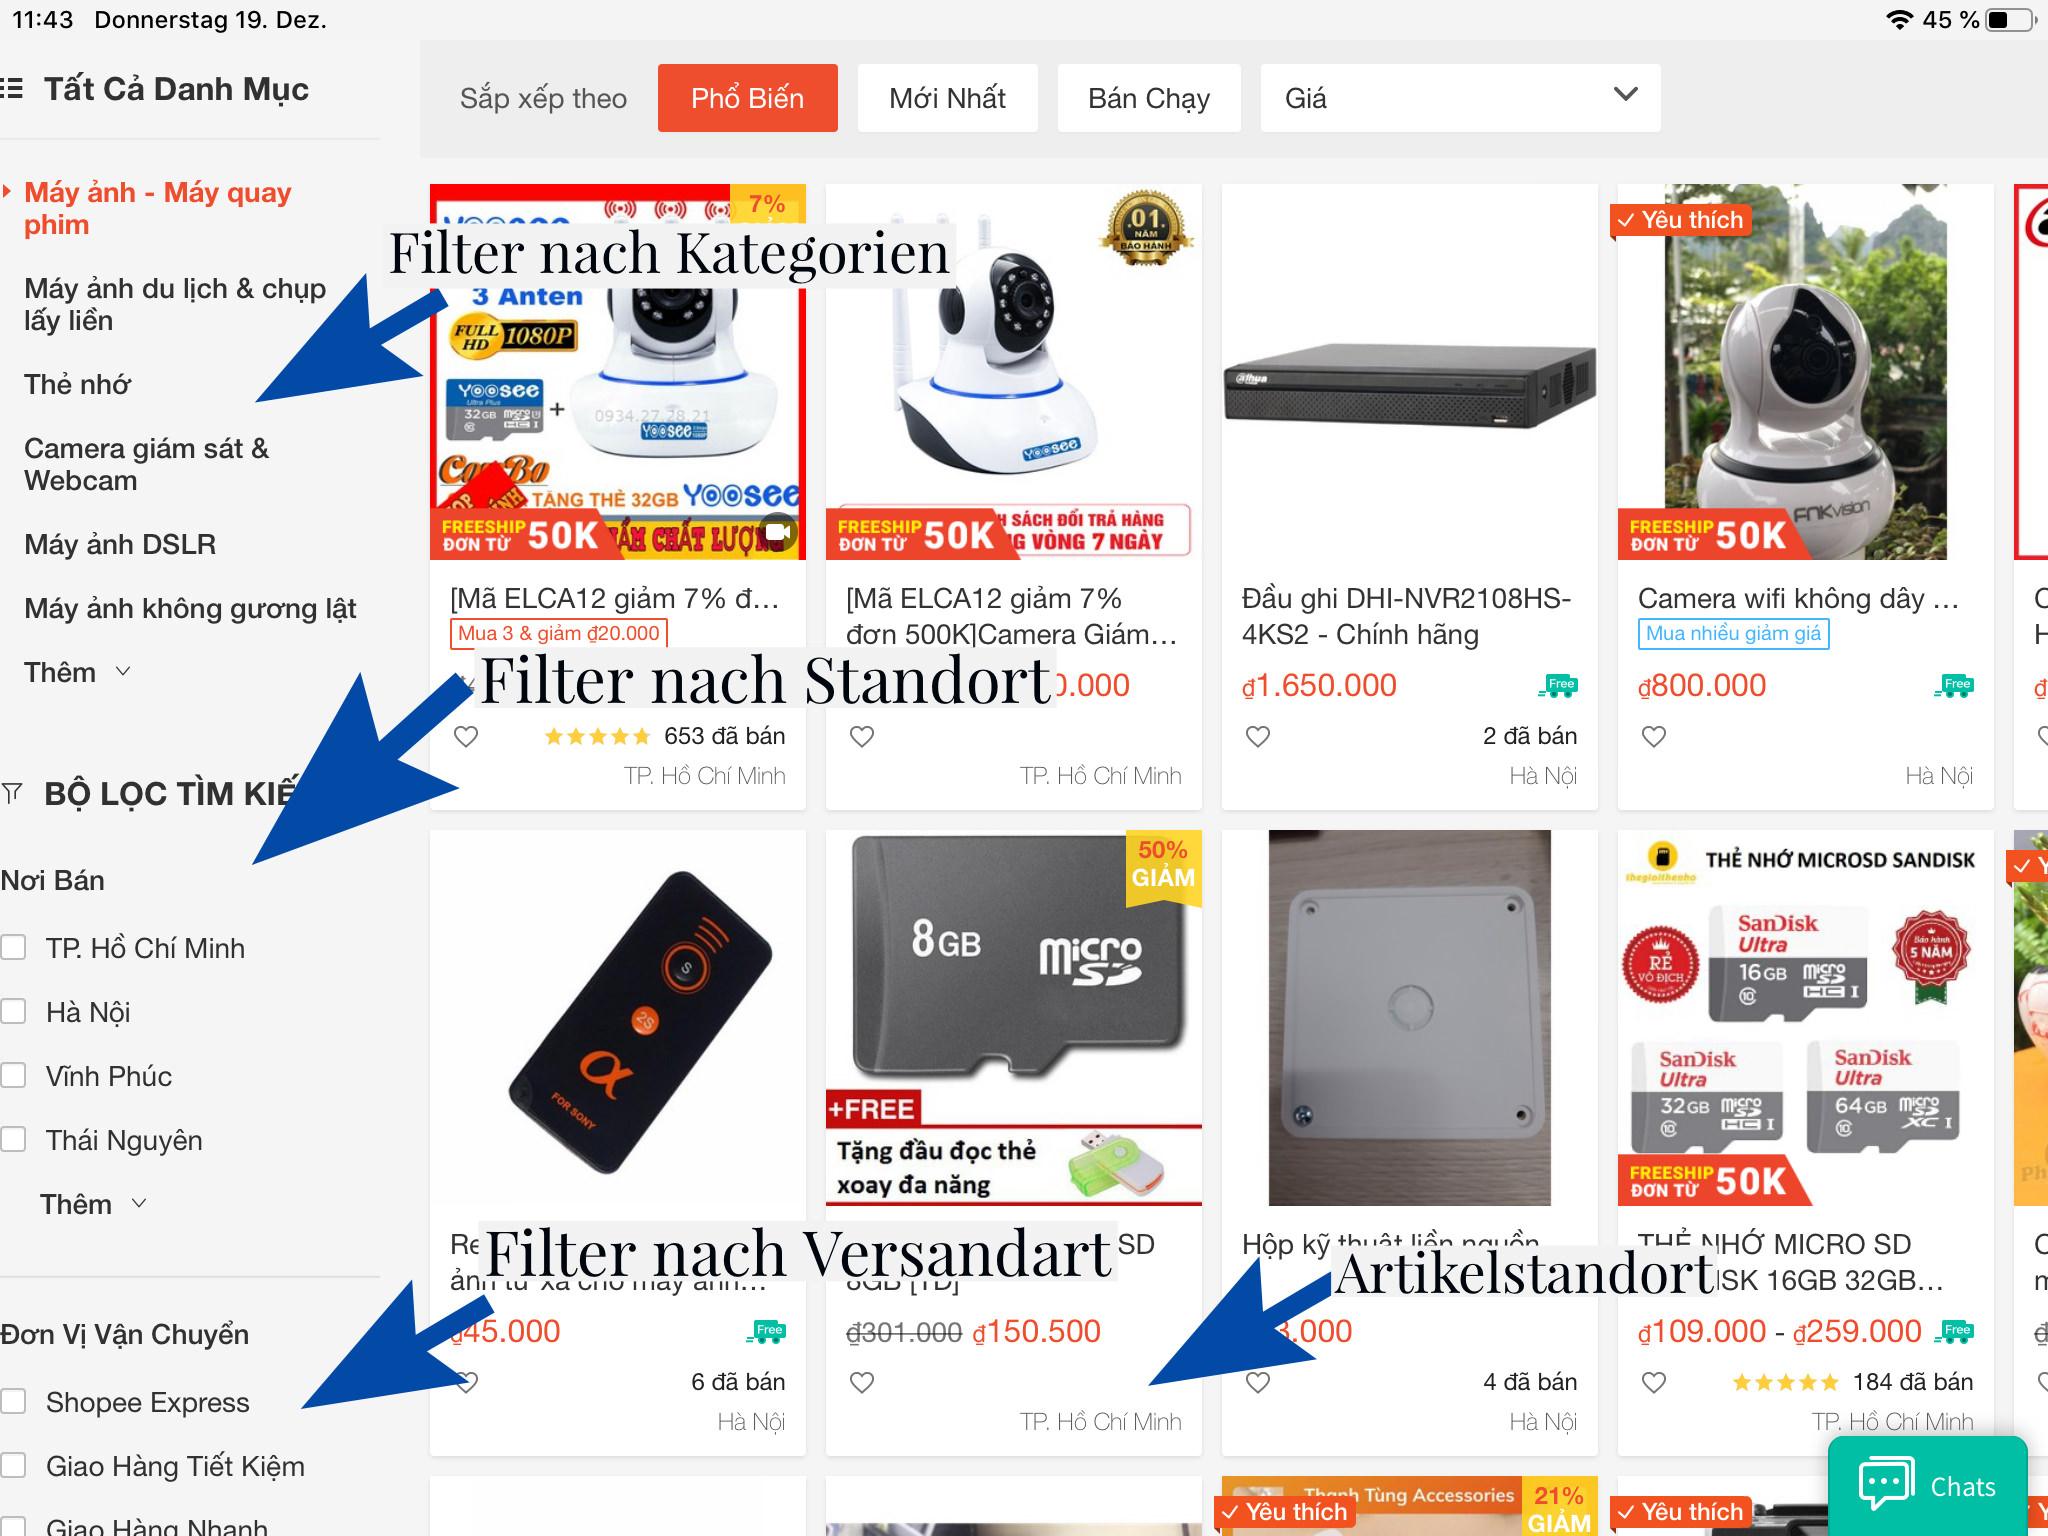 Suche auf der Shopee-Website